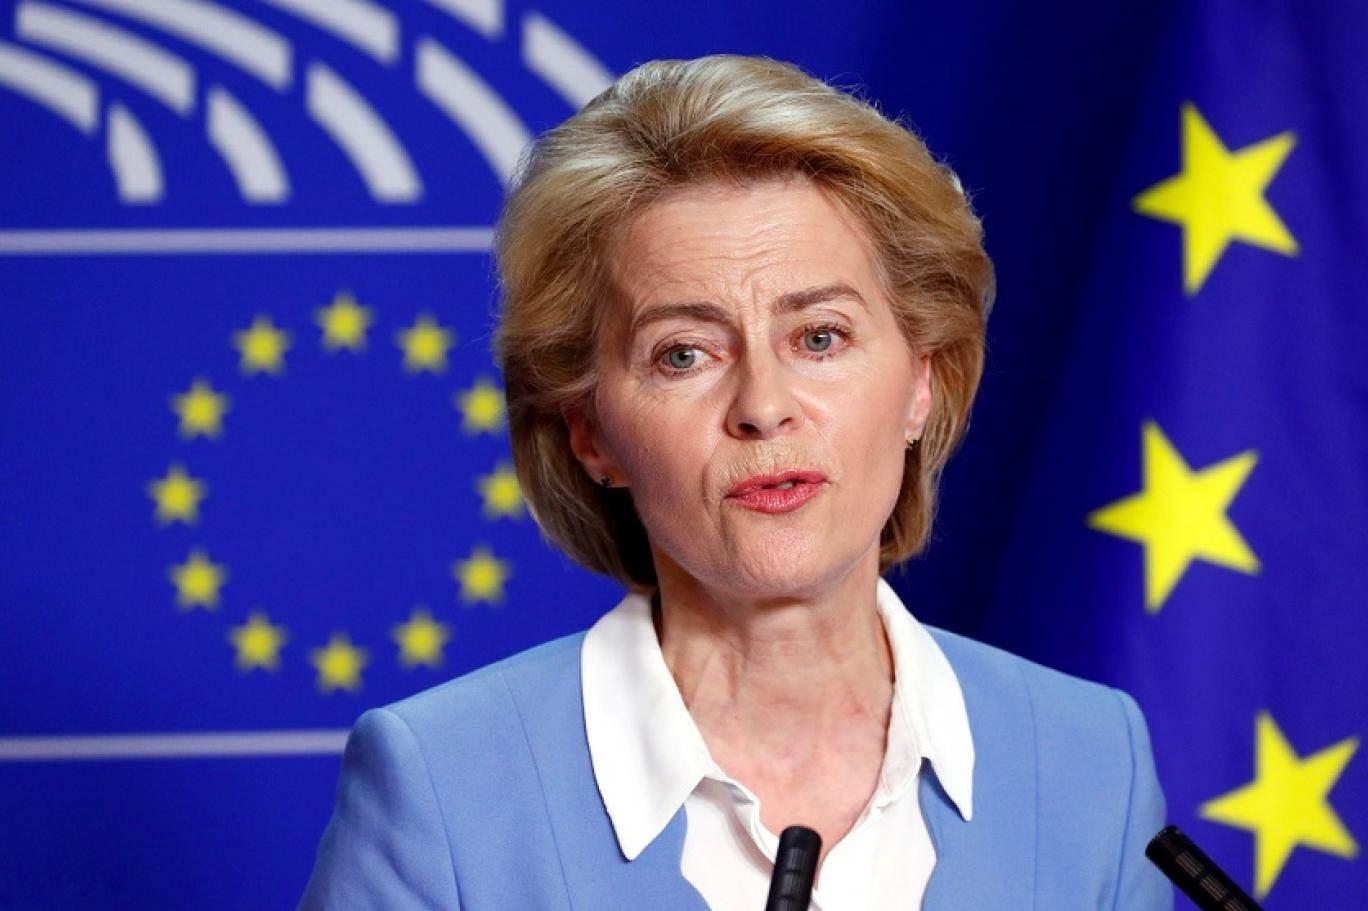 المفوضية الأوروبية: زعماء العالم سيساعدون لمواجهة كورونا